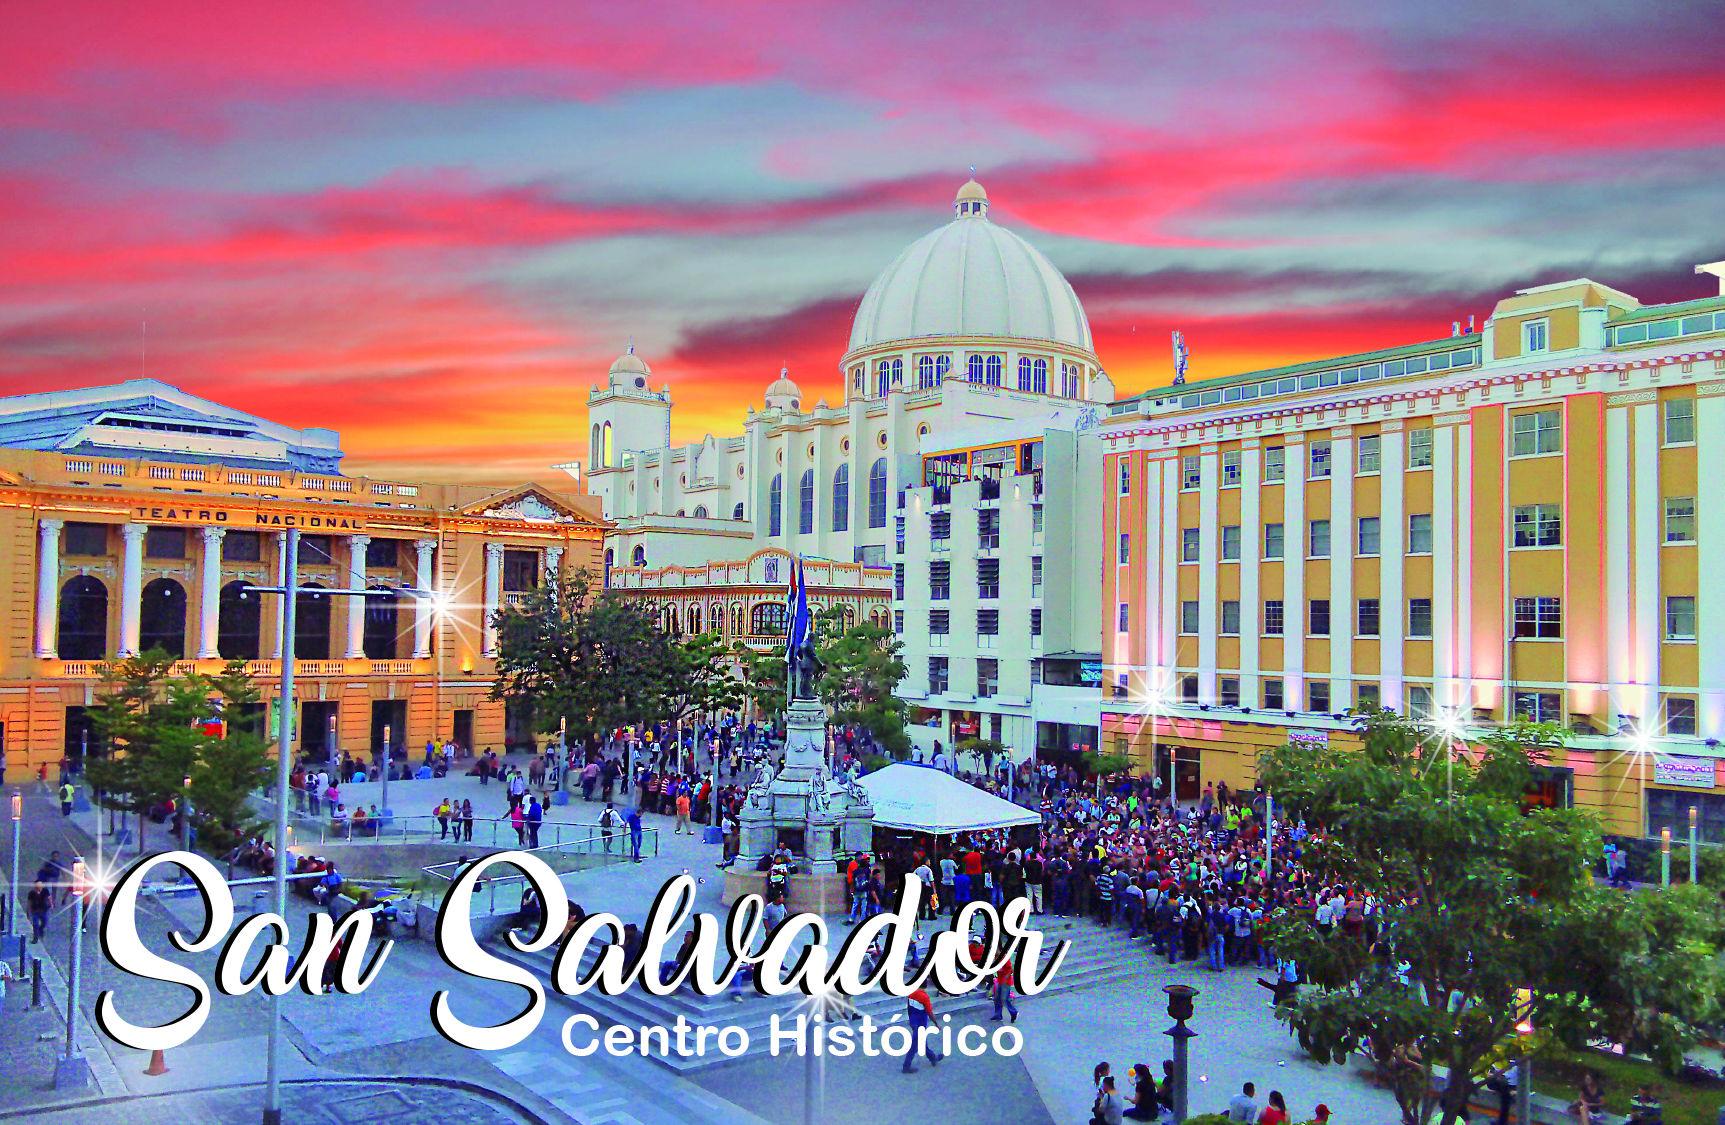 Magneto rectangular Plaza Morazán, Centro Histórico San Salvador